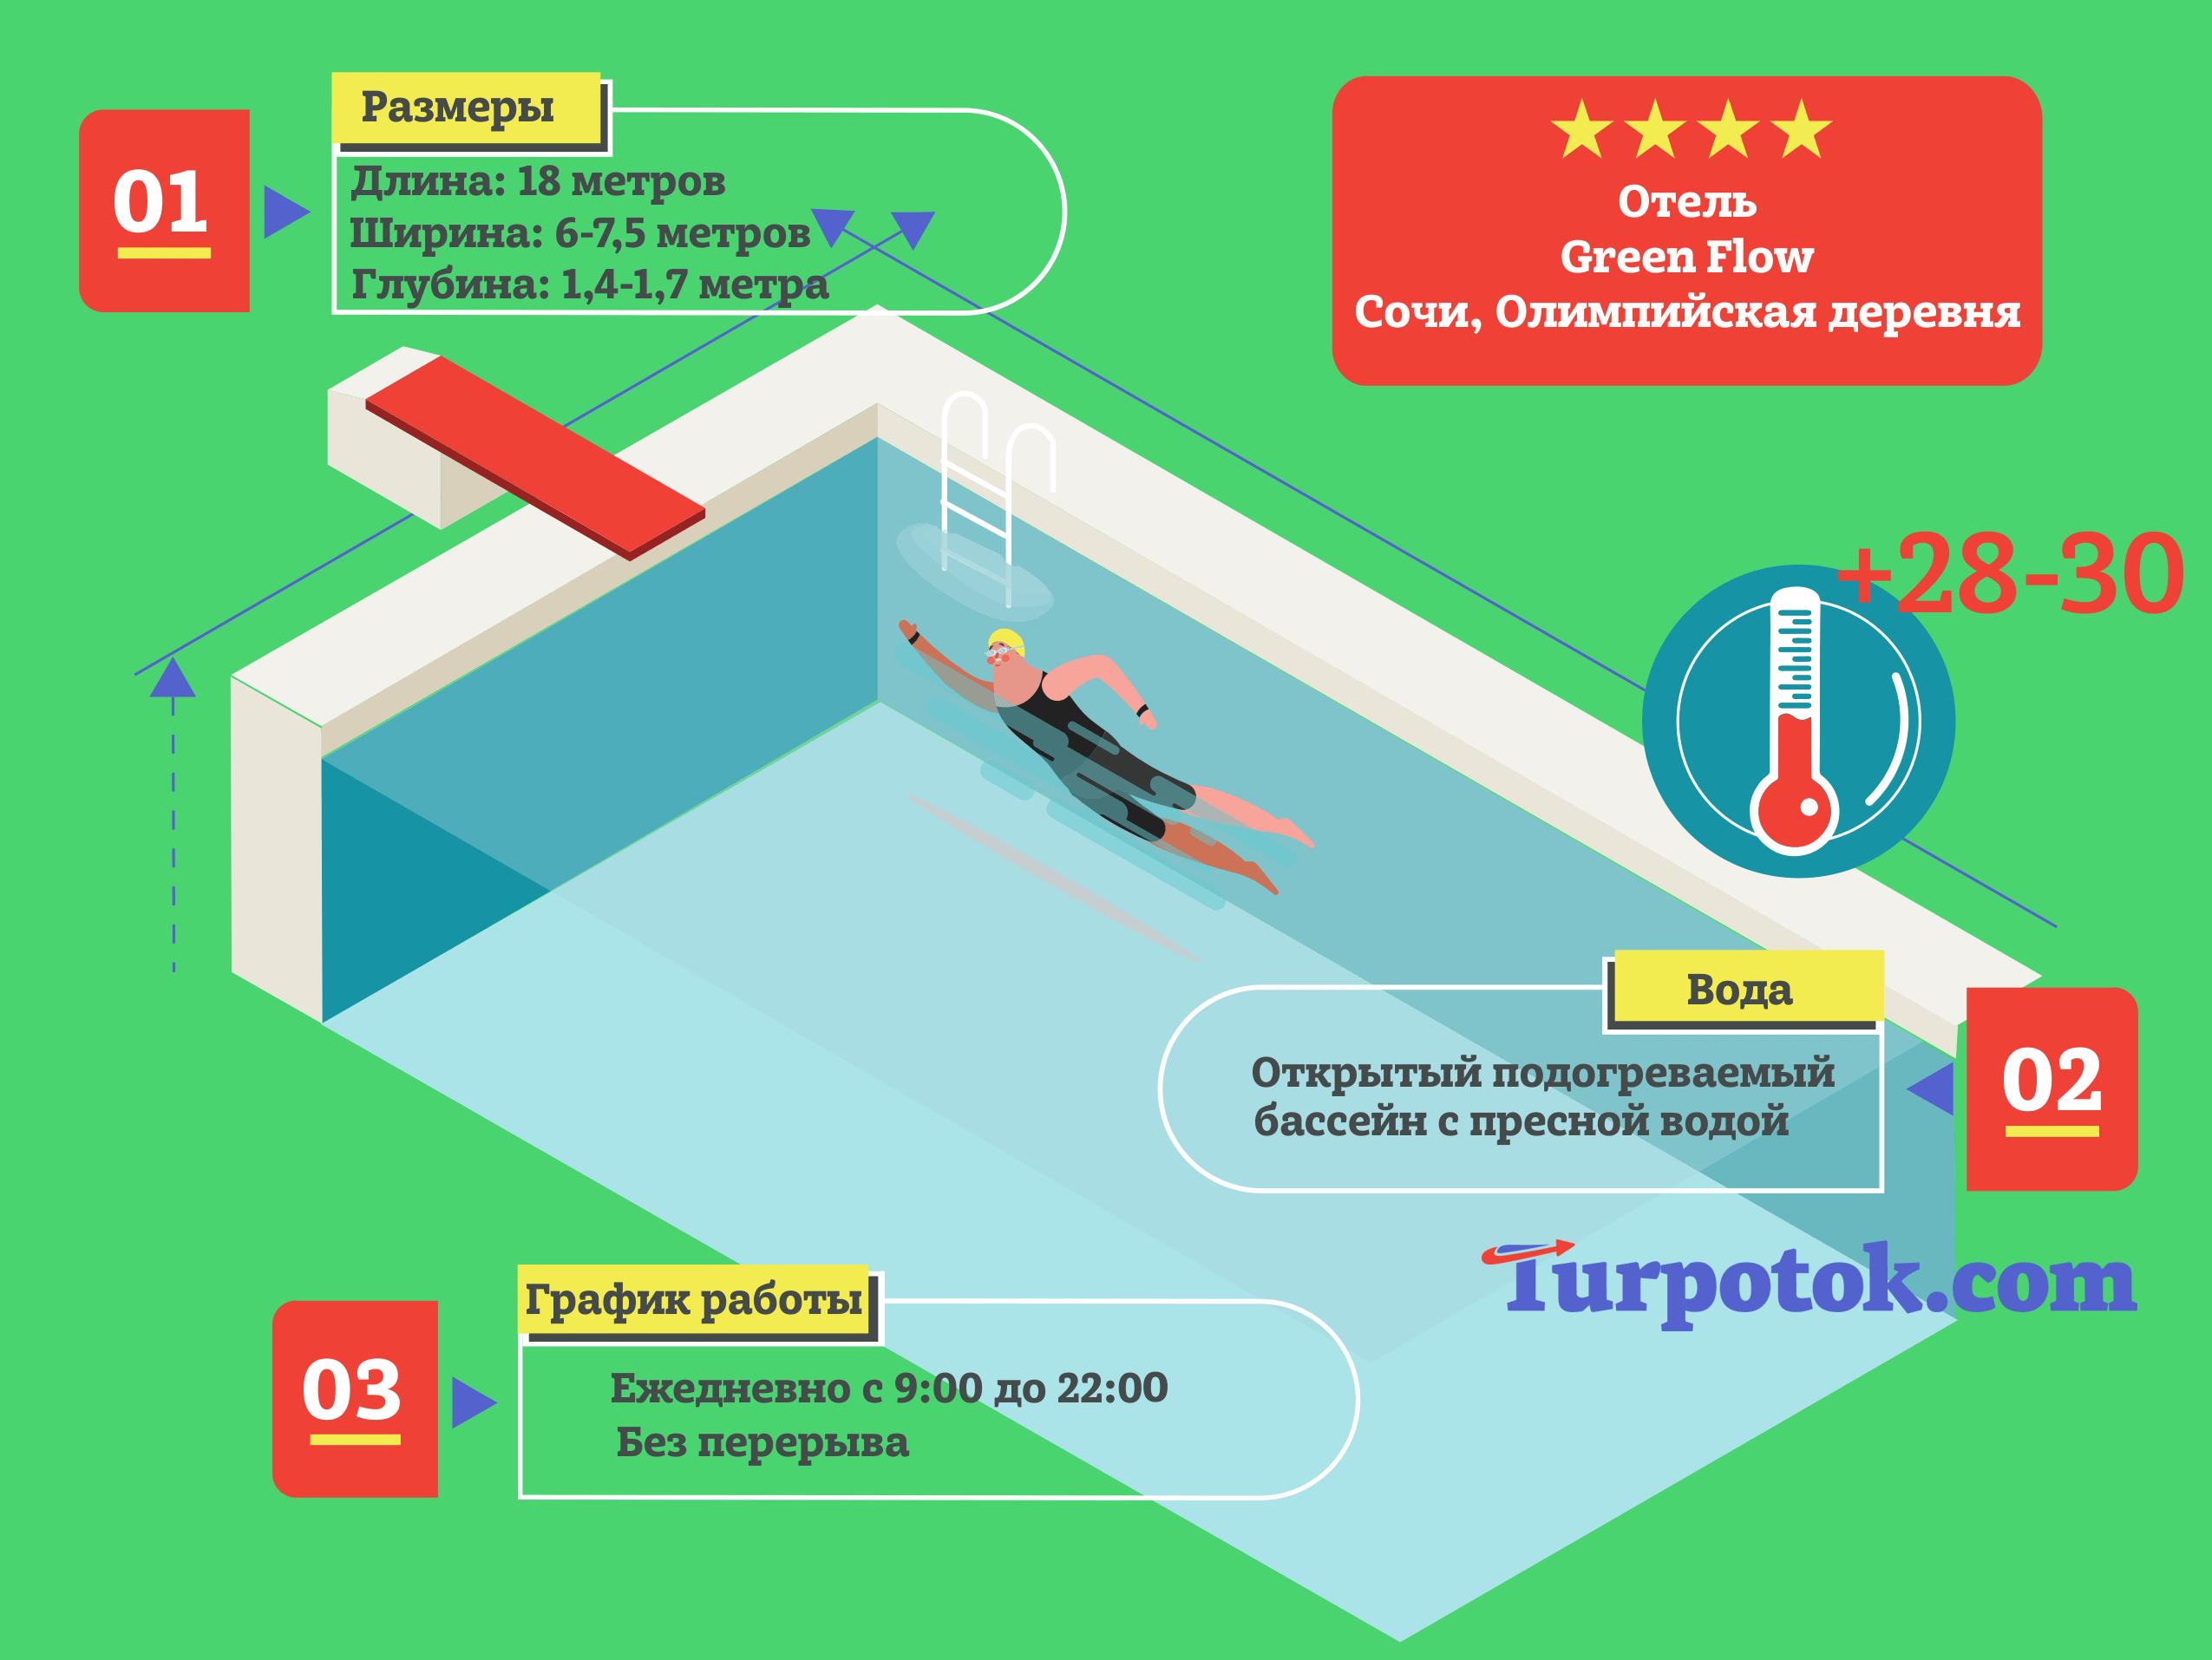 Характеристики бассейна в Green Flow Hotel (Грин Флоу) в горах Сочи